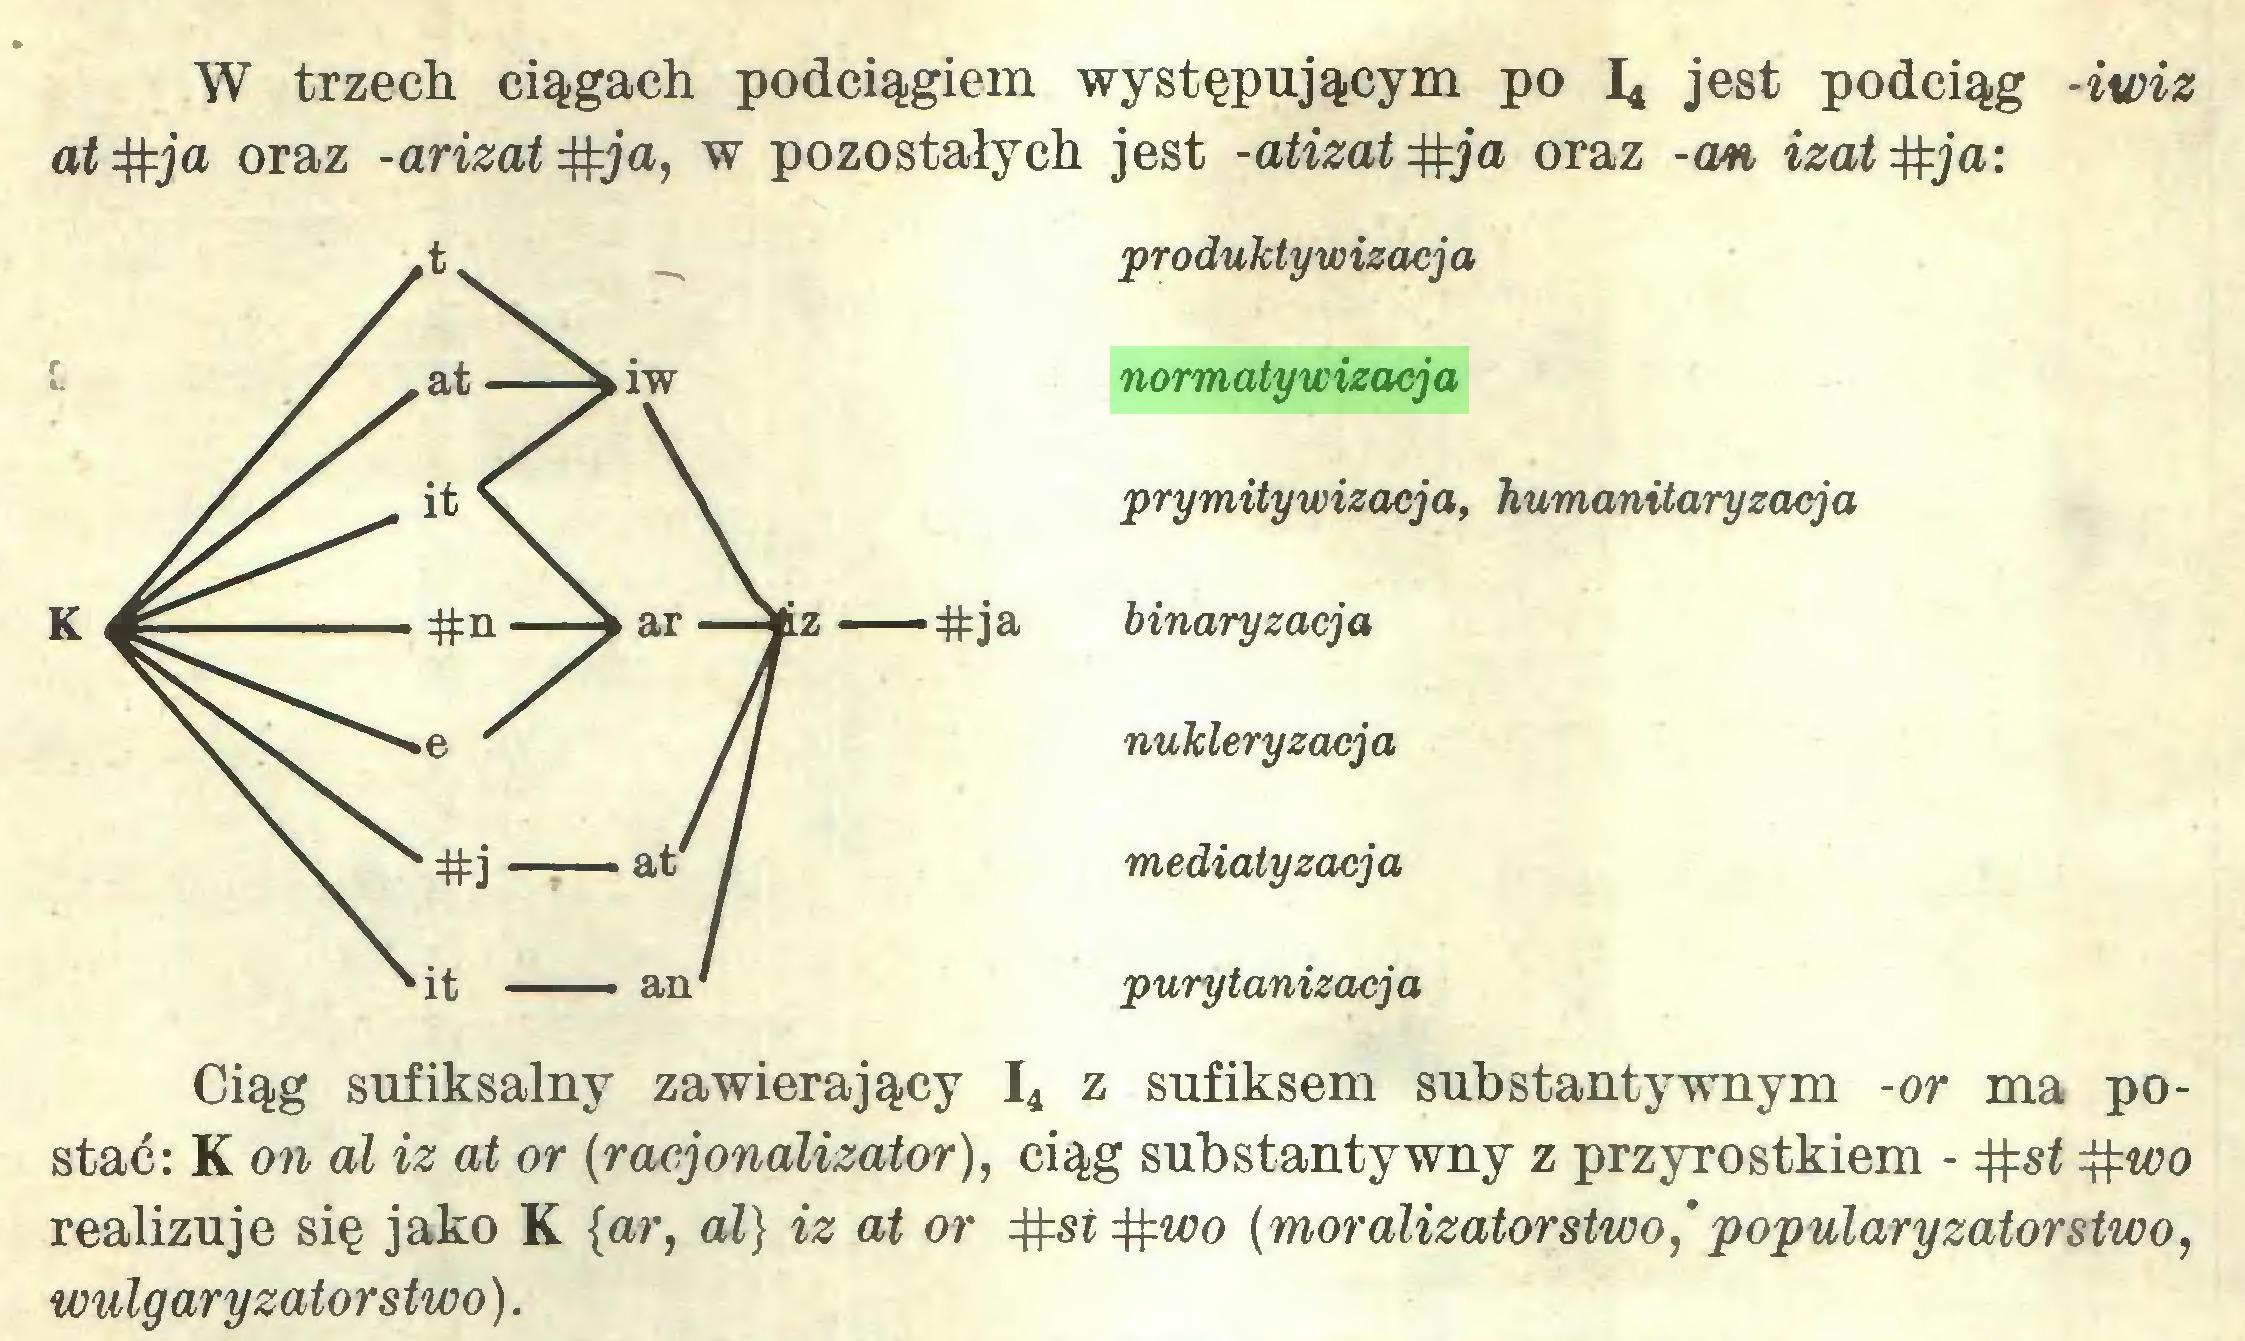 (...) W trzech ciągach podciągiem występującym po I* jest podciąg -iwiz ał #ja oraz -arizat#ja, w pozostałych jest -atizat oraz -cm izat#ja: produktywizacja normatywizacja prymitywizacja, humanitaryzacja binaryzacja nukleryzacja mediatyzacja purytanizacja Ciąg sufiksalny zawierający I4 z sufiksem substantywnym -or ma postać: K on dl iz at or (racjonalizator), ciąg substantywny z przyrostkiem - #wo realizuje się jako K {ar, al} iz at or #st#wo [moralizatorstwo,'popularyzatorstwo, wulgaryzatorstwo)...